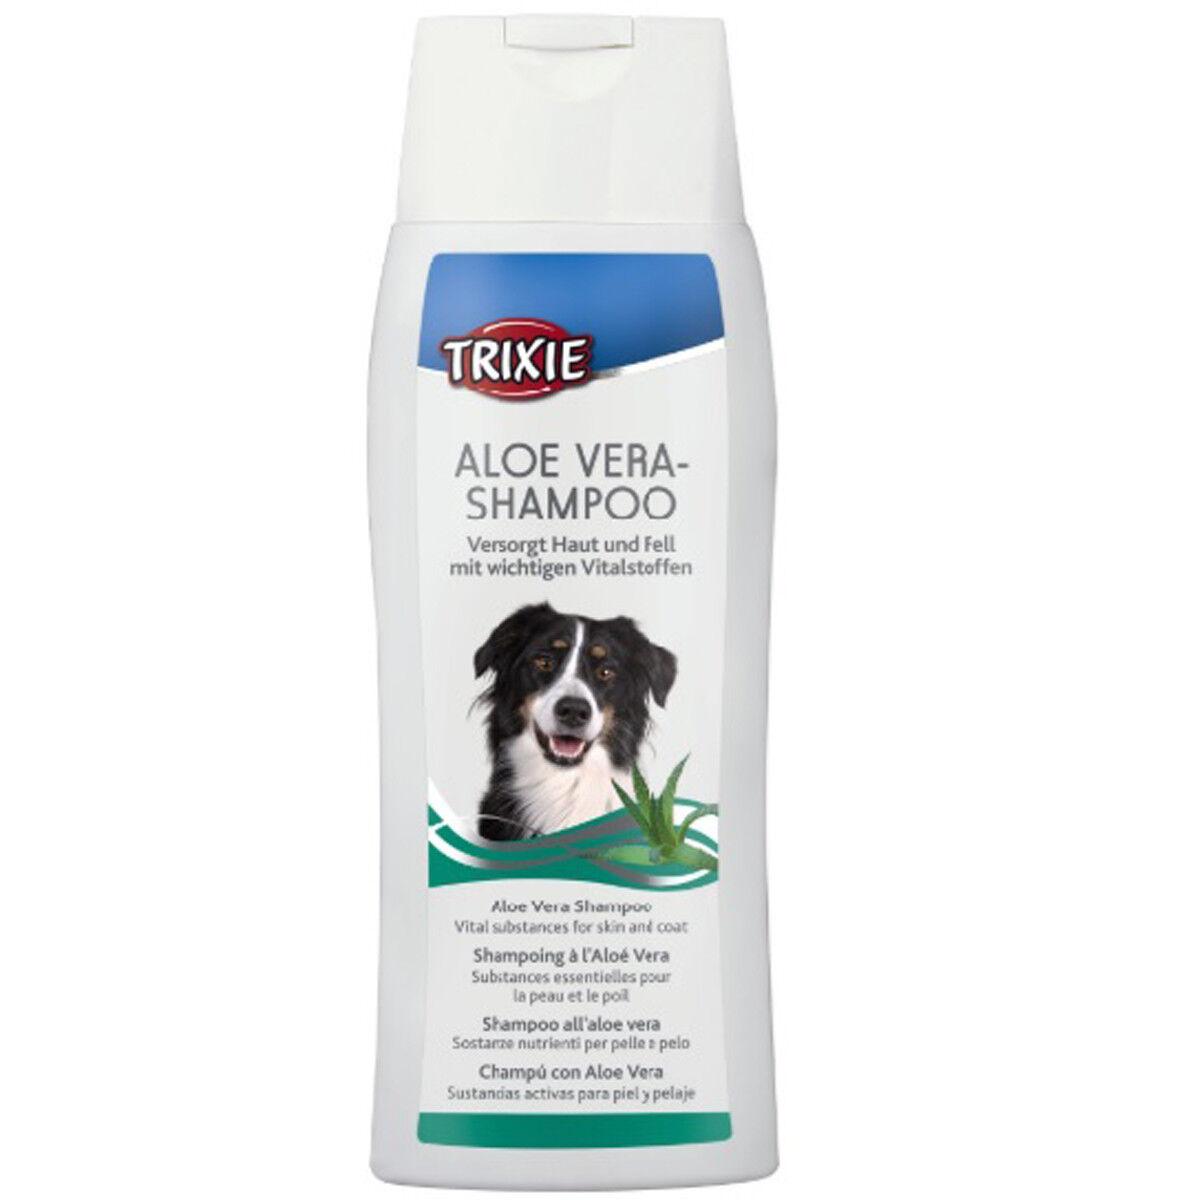 TRIXIE Aloe Vera-Shampoo Hundeshampoo Shampoo für Hunde antibakteriell 2898